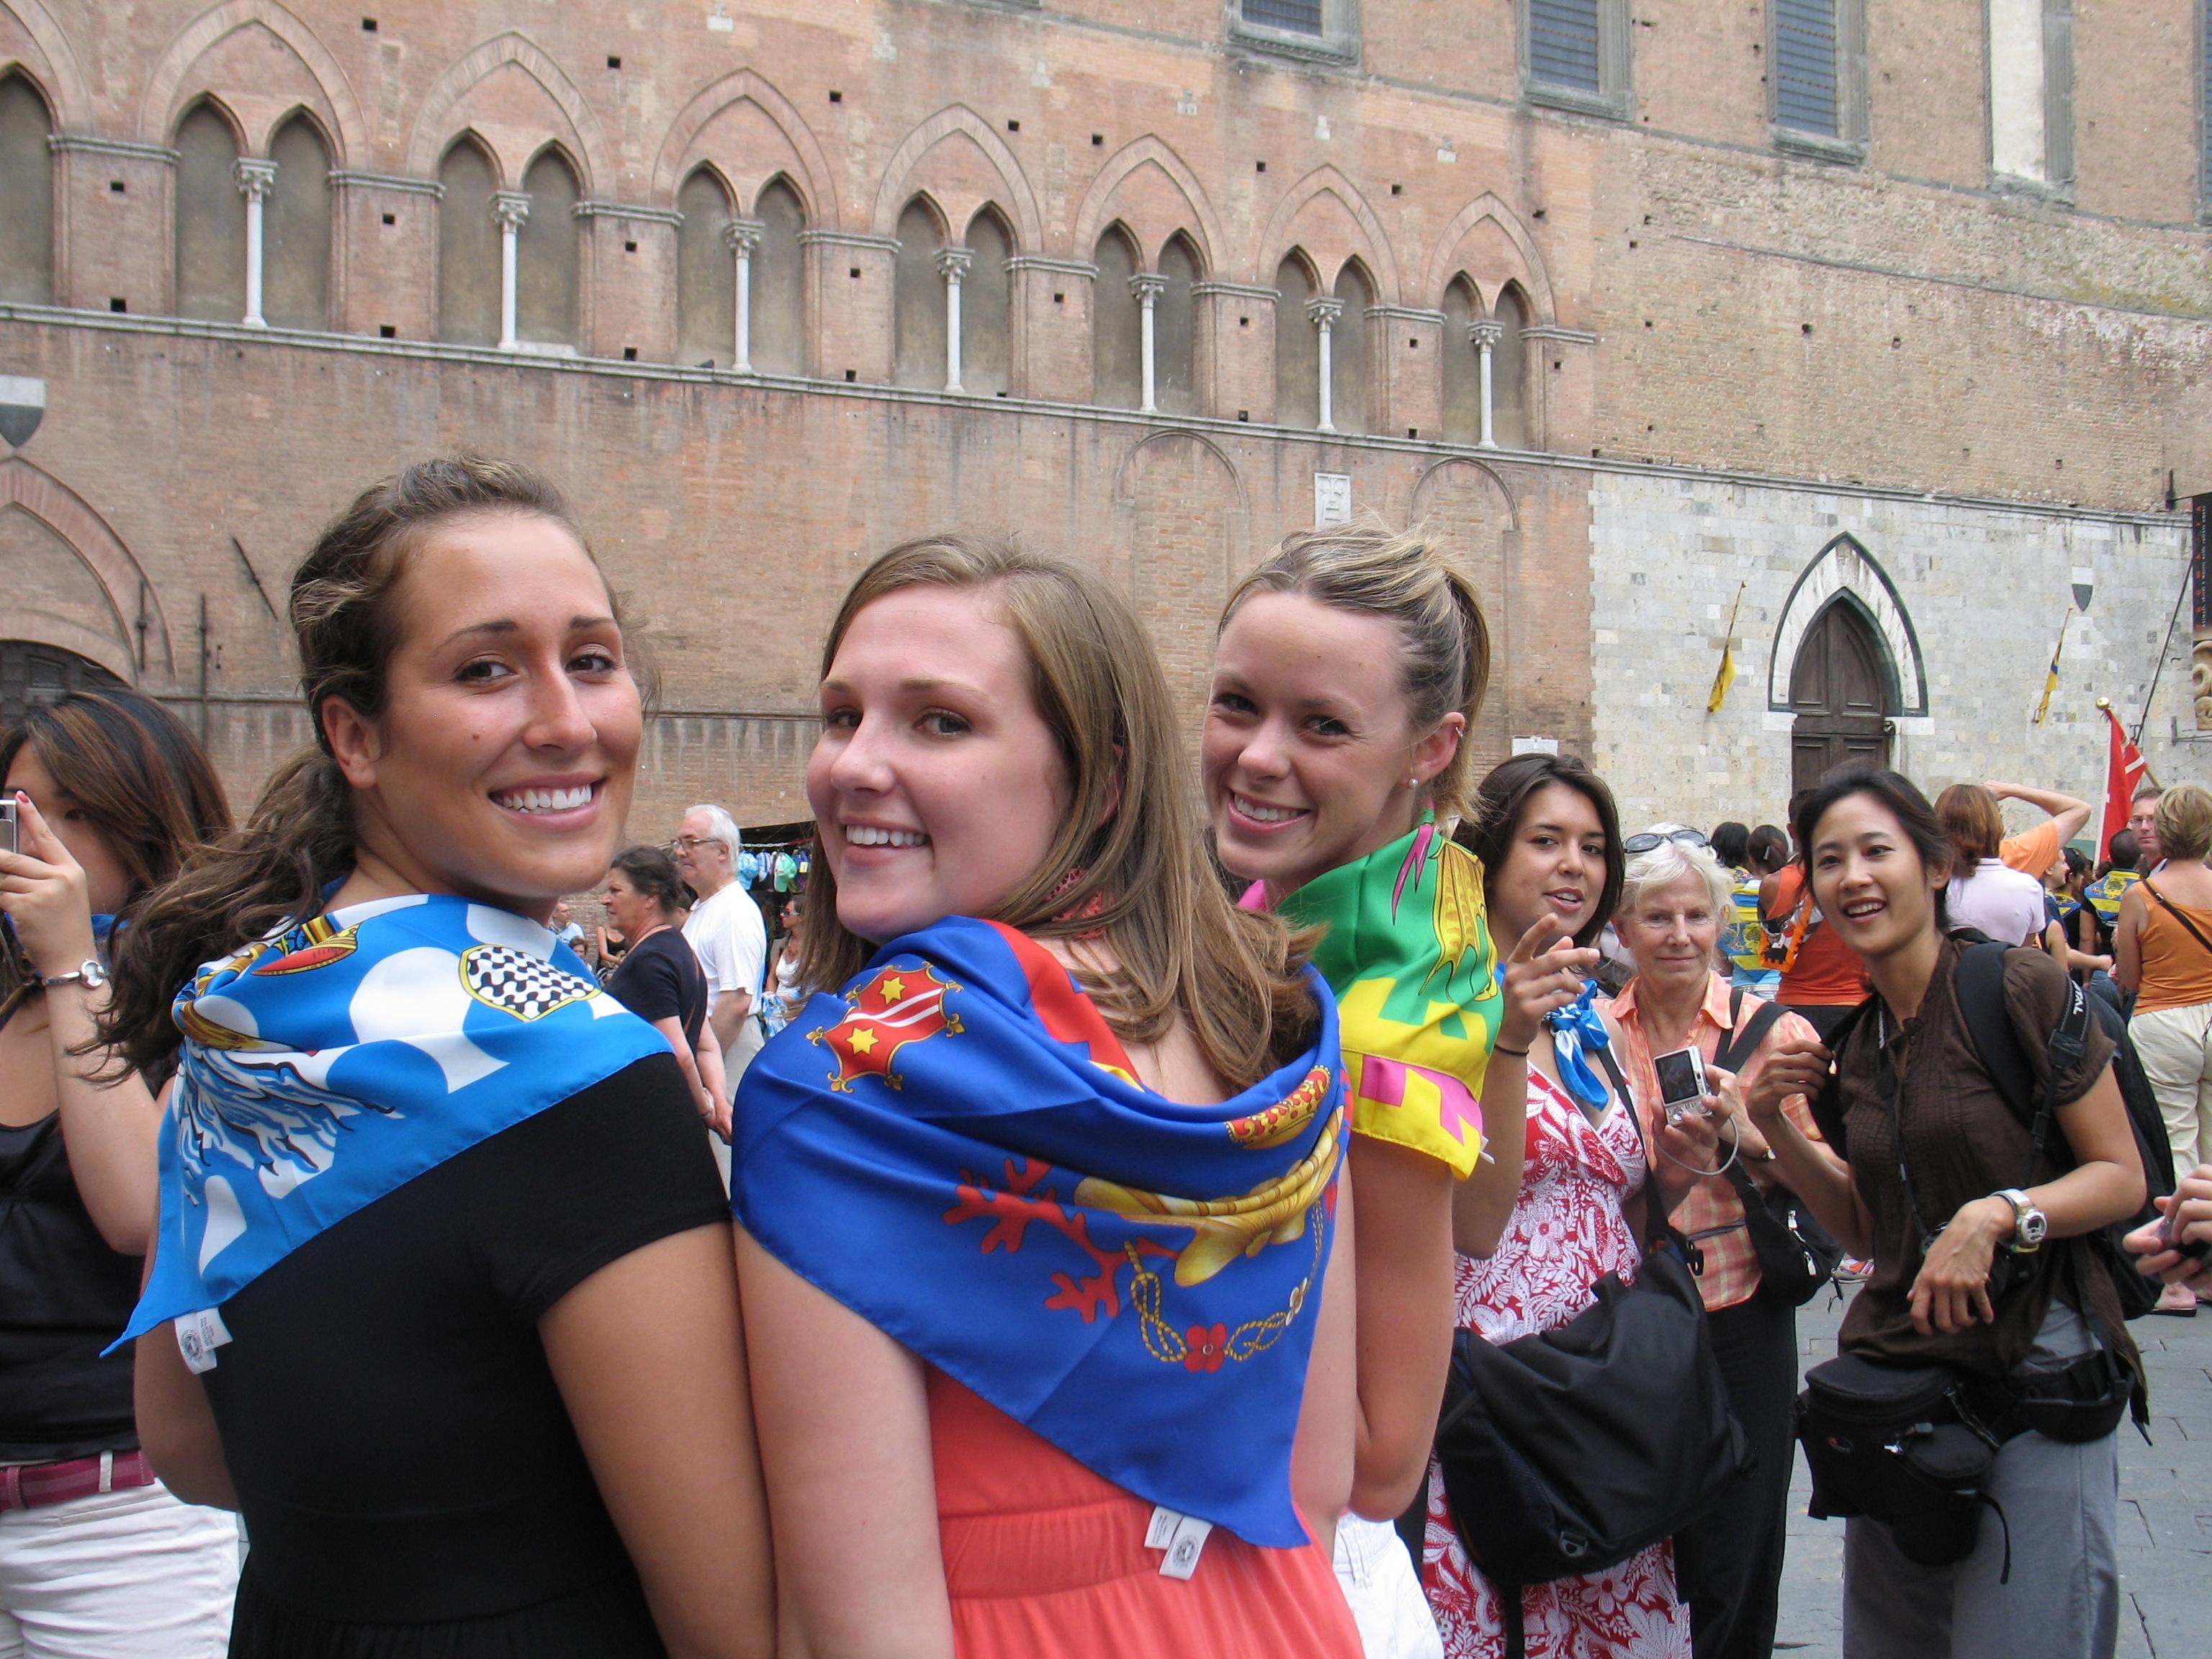 FlorenceForFun in Siena